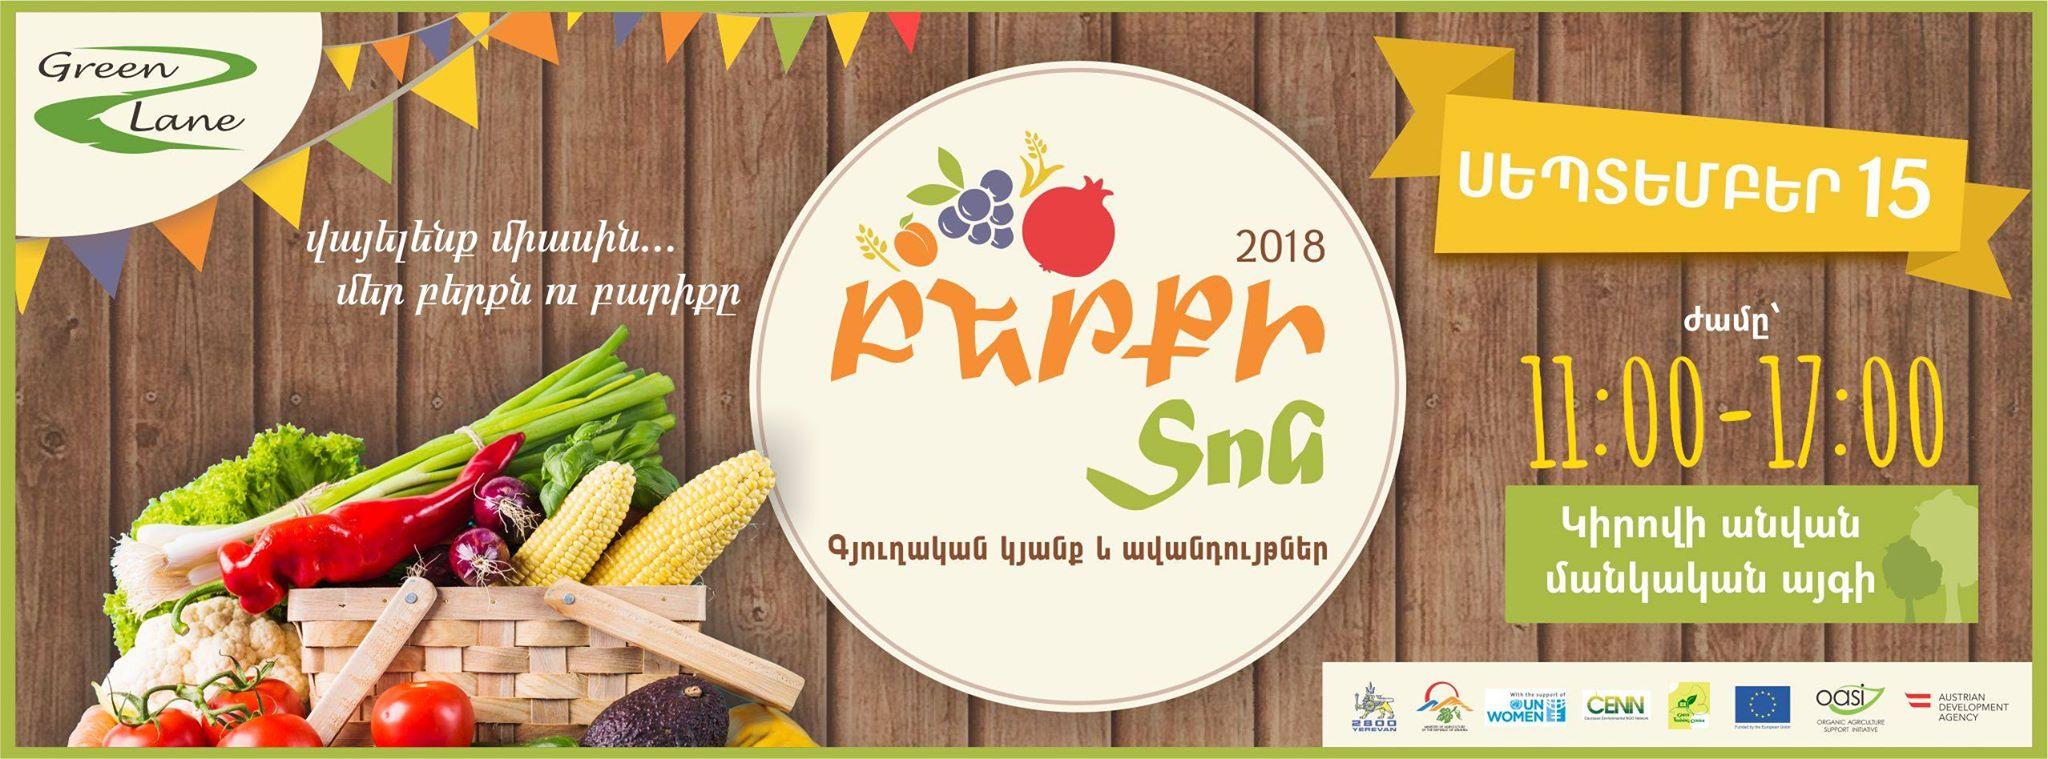 Երևանում կանցկացվի Բերքի փառատոնը